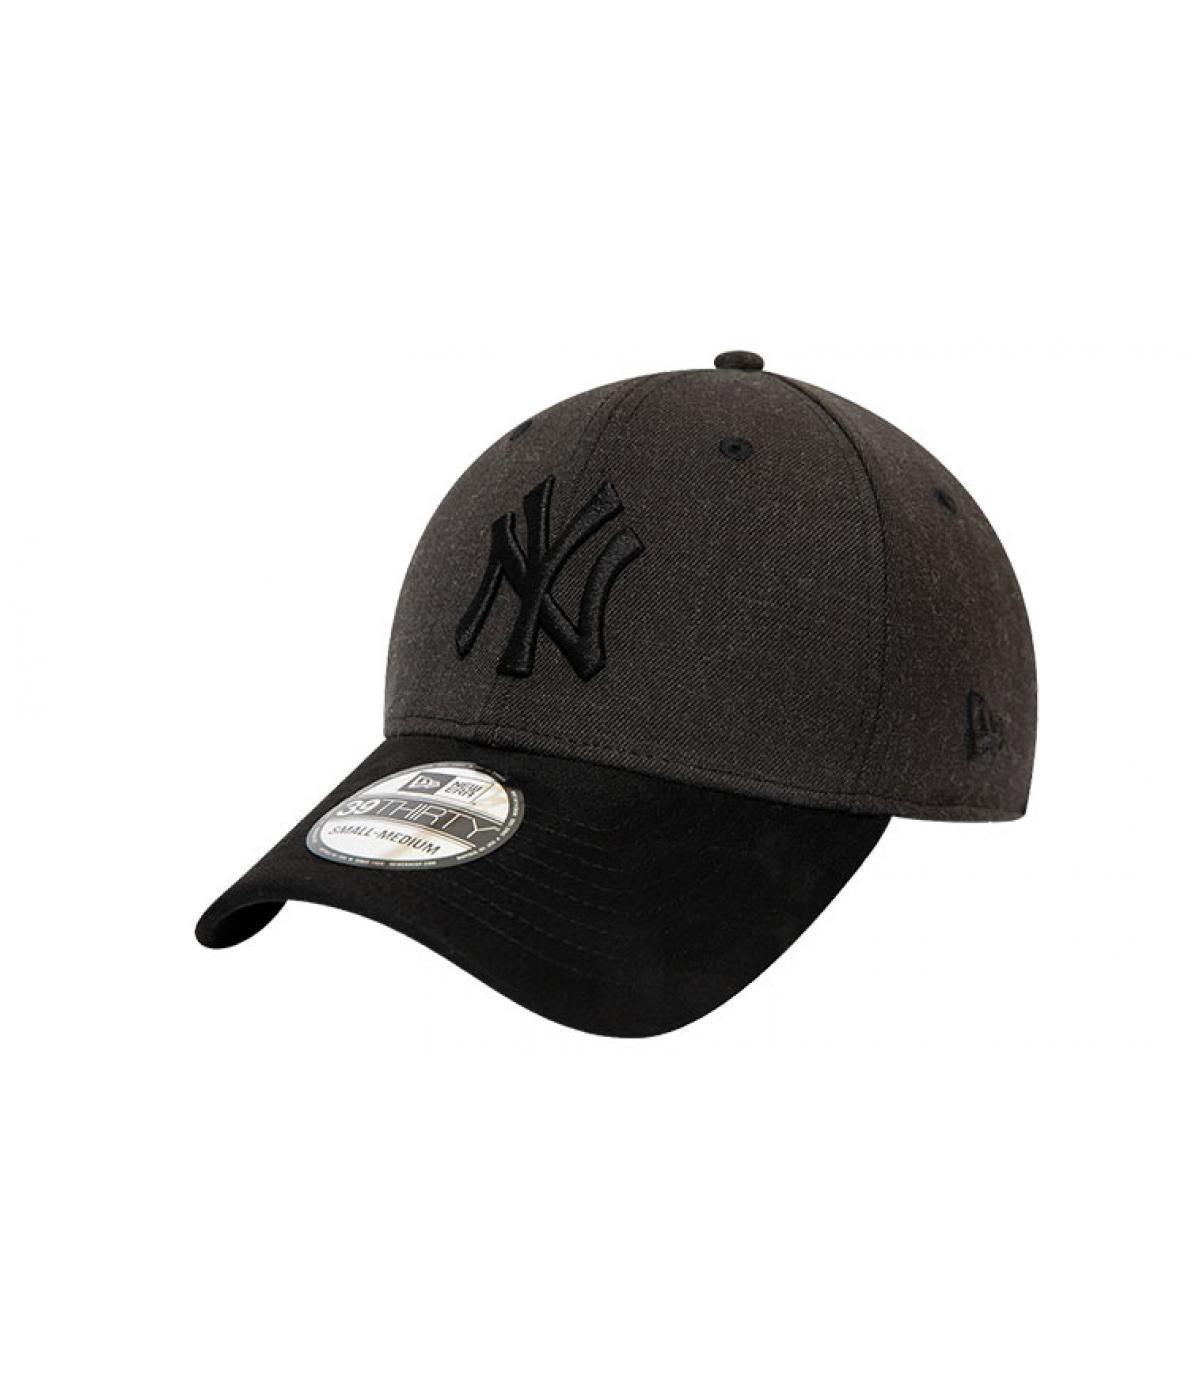 casquette NY gris noir suède